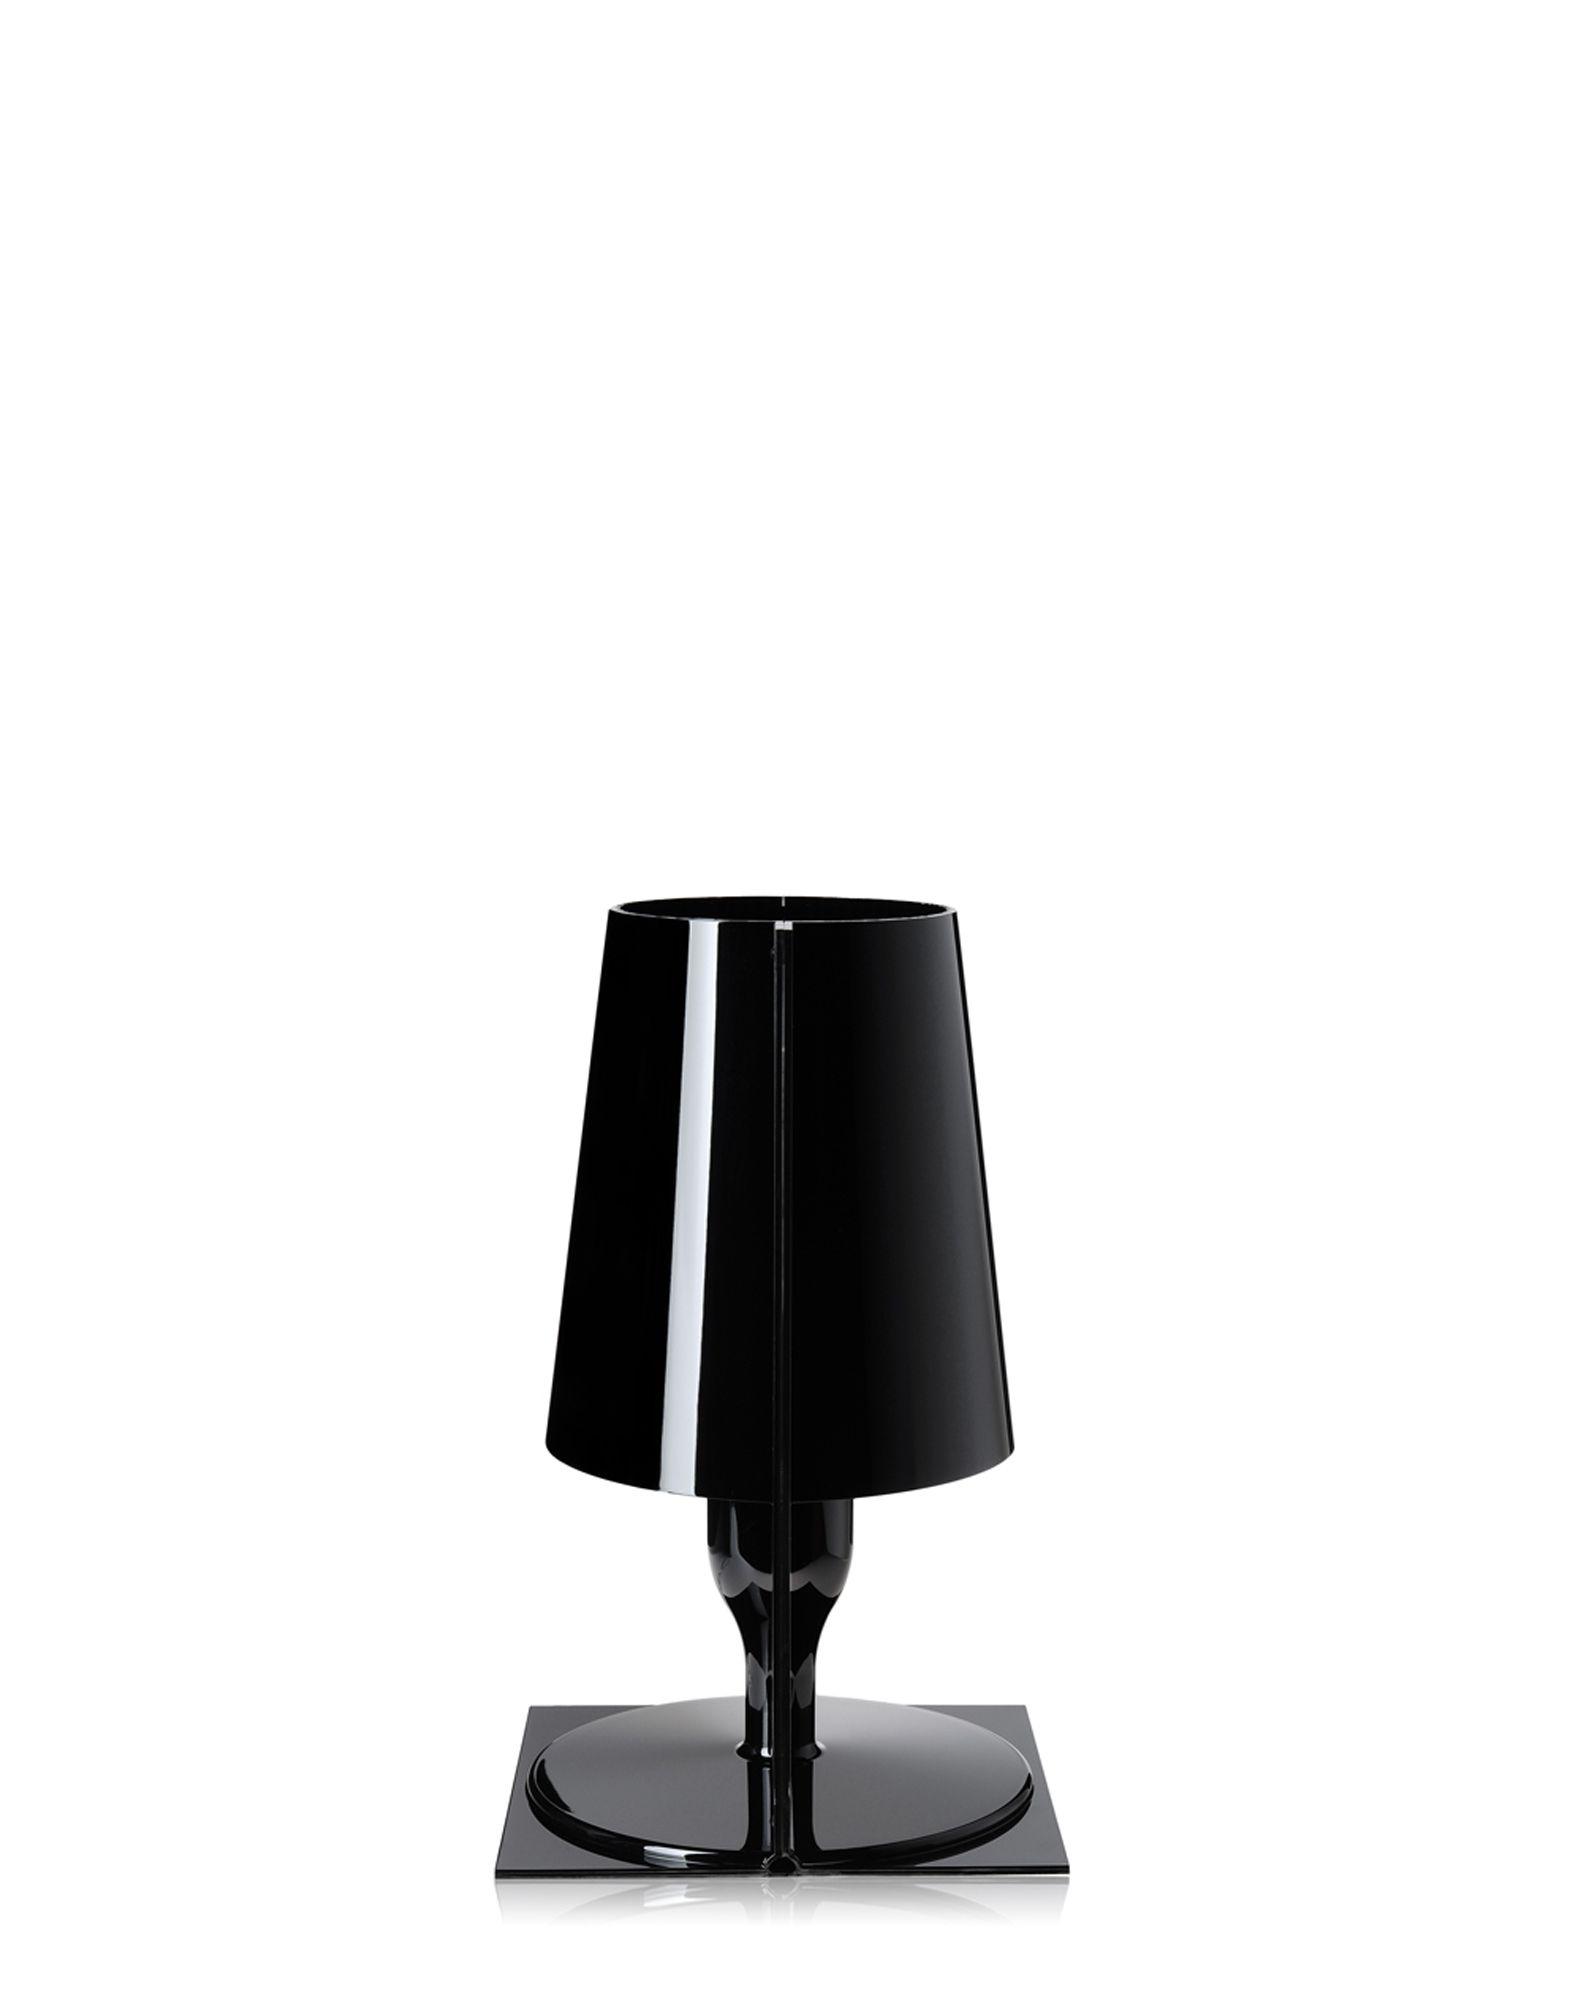 Kartell lampada da tavolo Take nero, Newformsdesign | lampade da ...